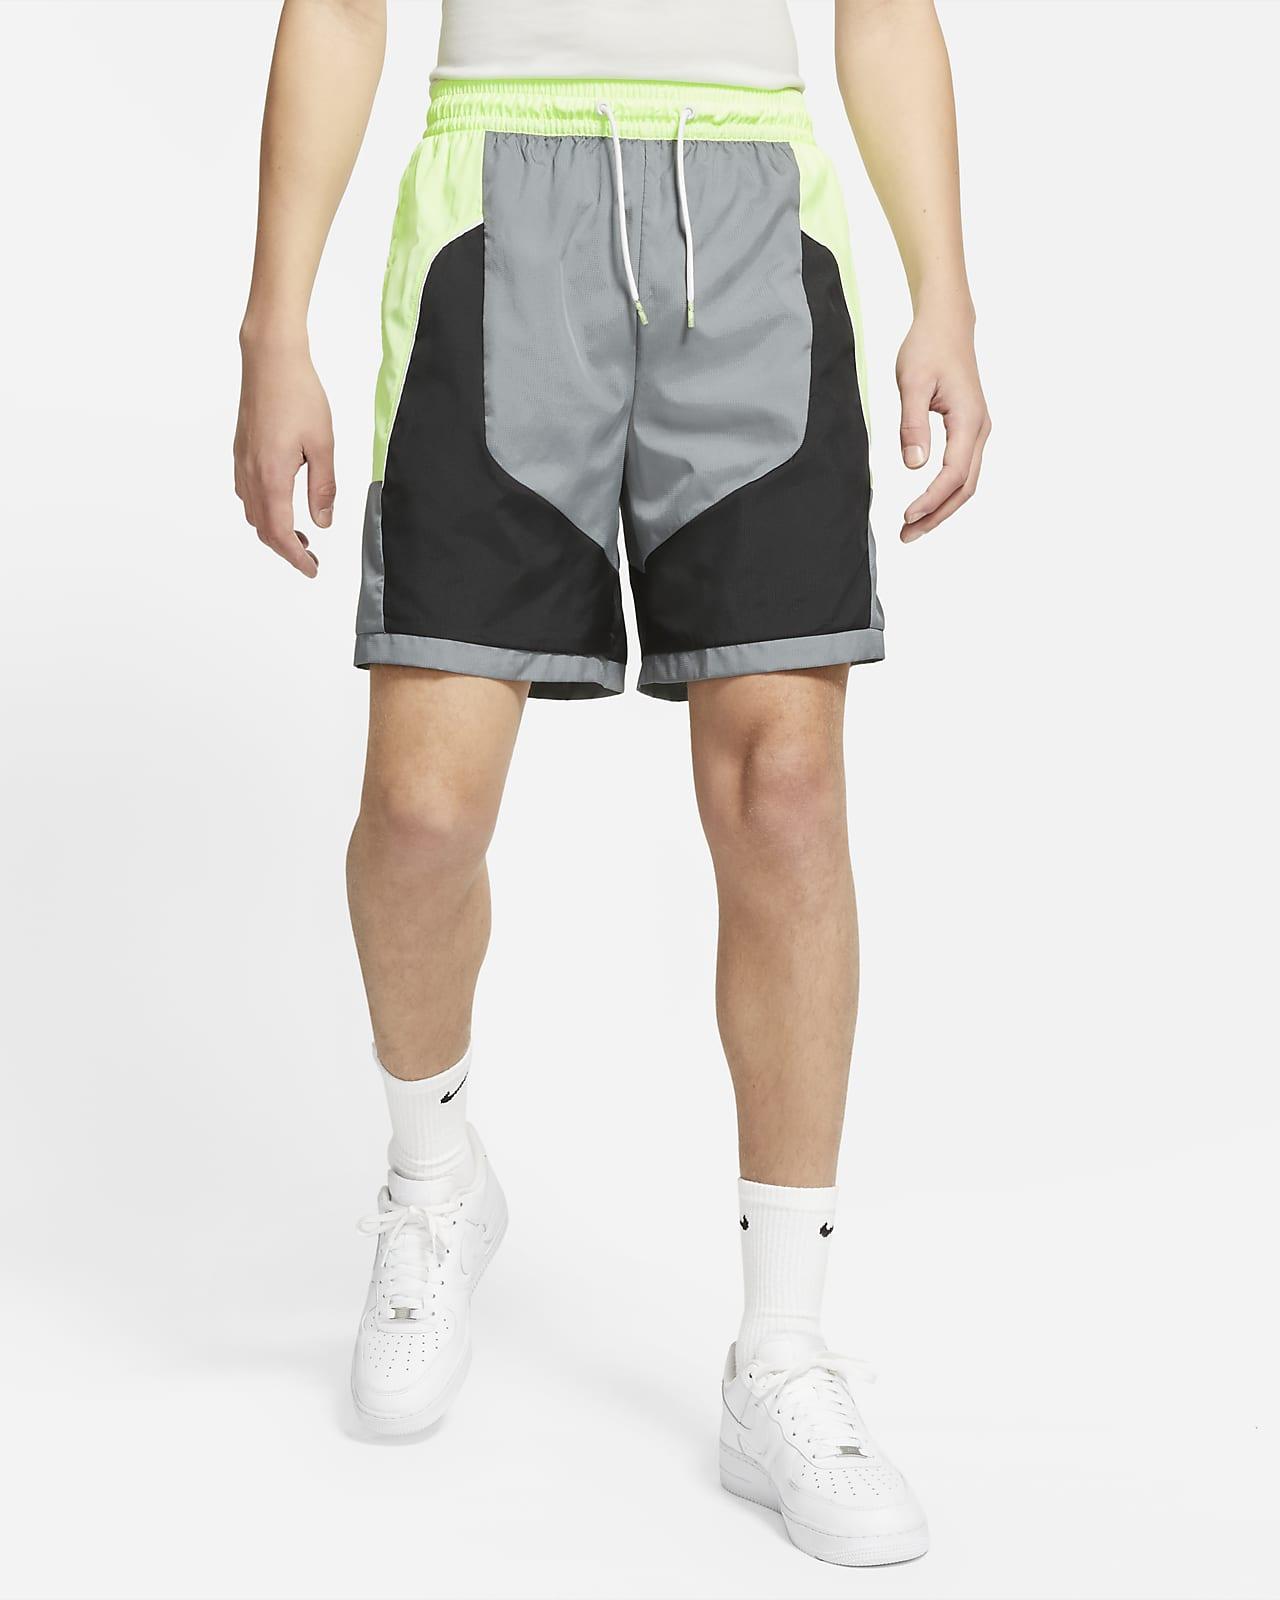 กางเกงบาสเก็ตบอลขาสั้นผู้ชาย Nike Throwback